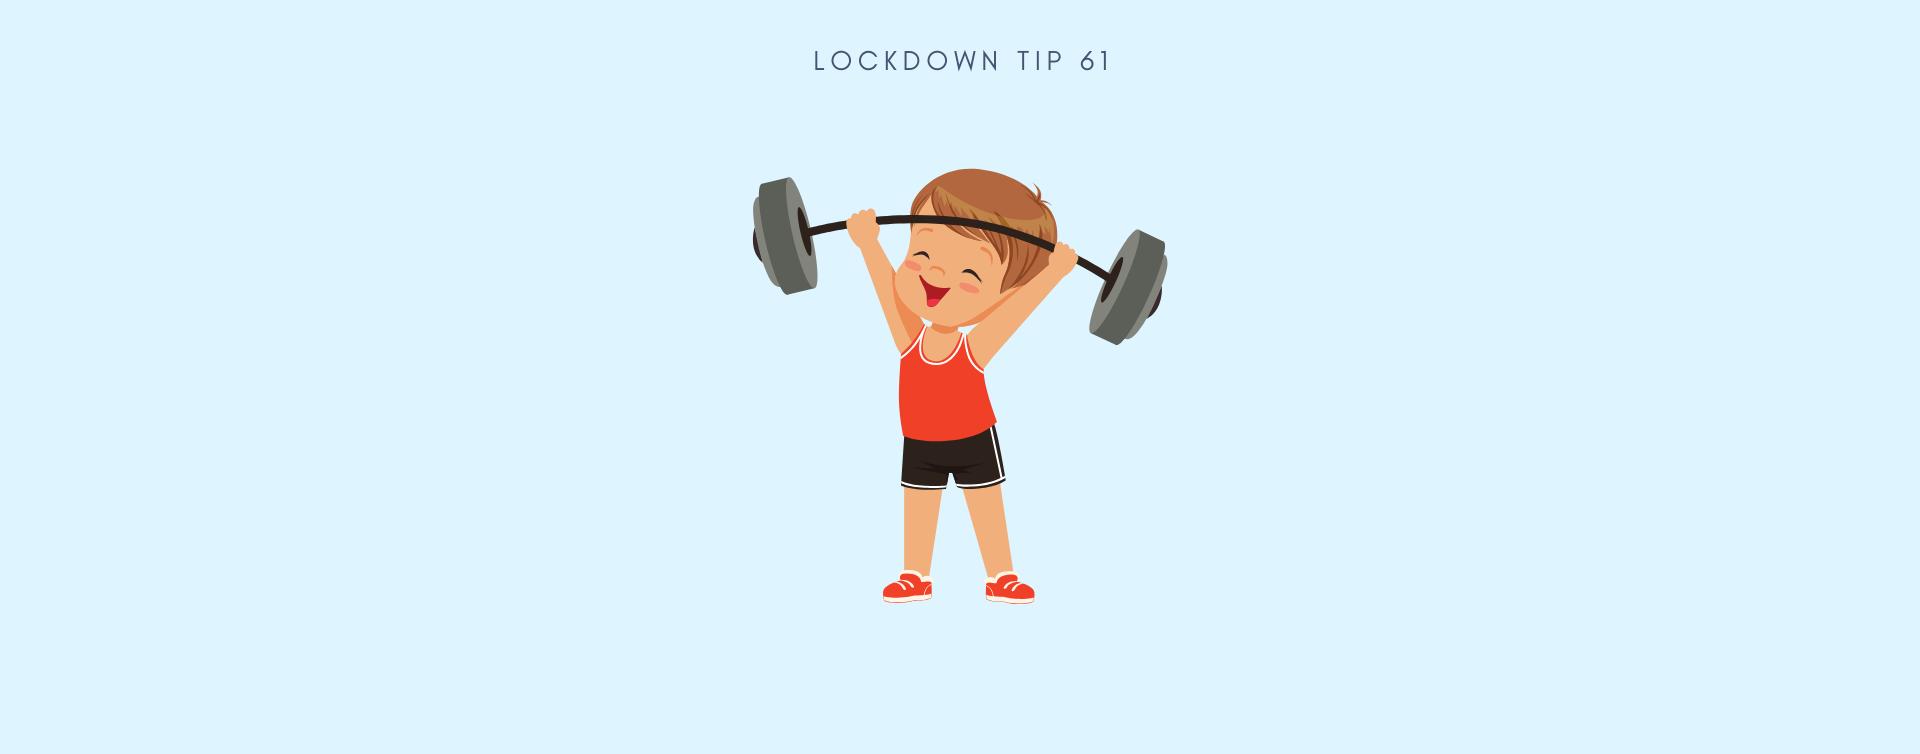 MCSA Lockdown Tip 61